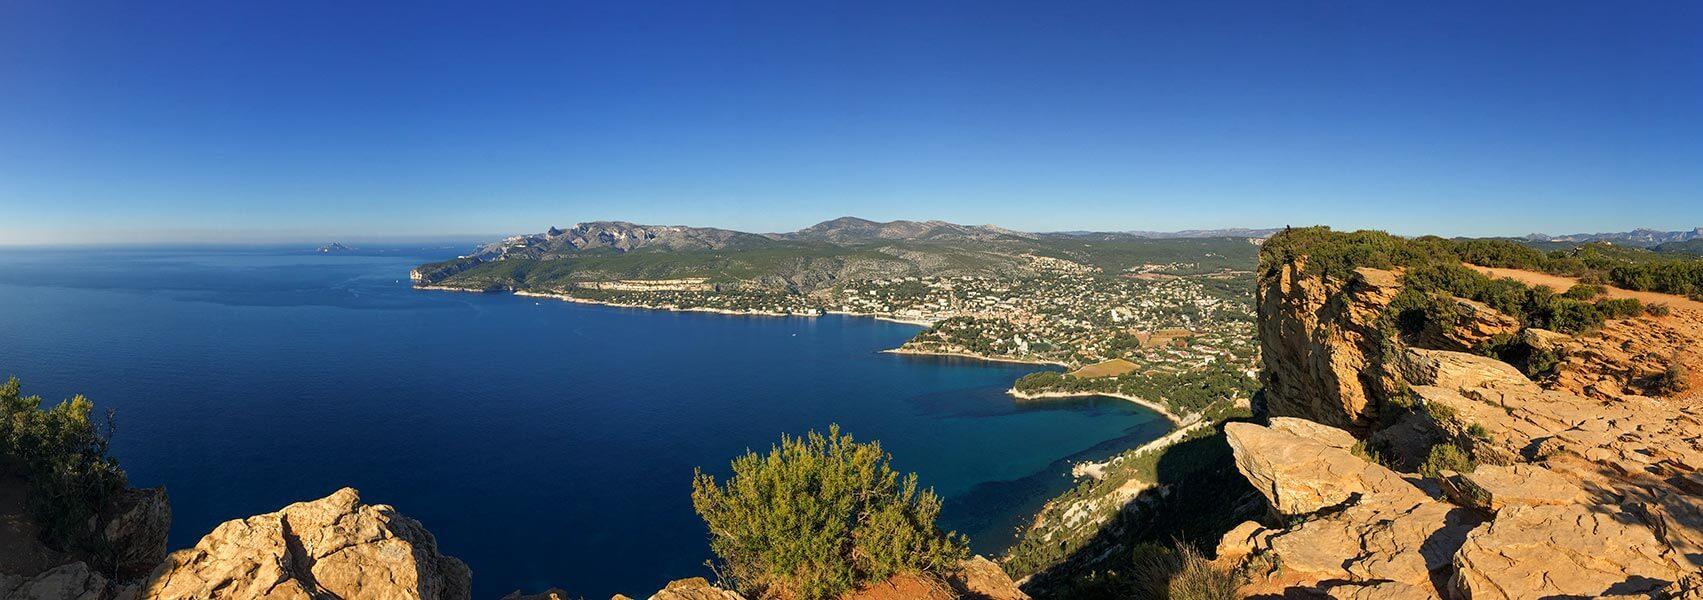 Atemberaubender Blick vom Cap Canaille auf Cassis und die Calanques